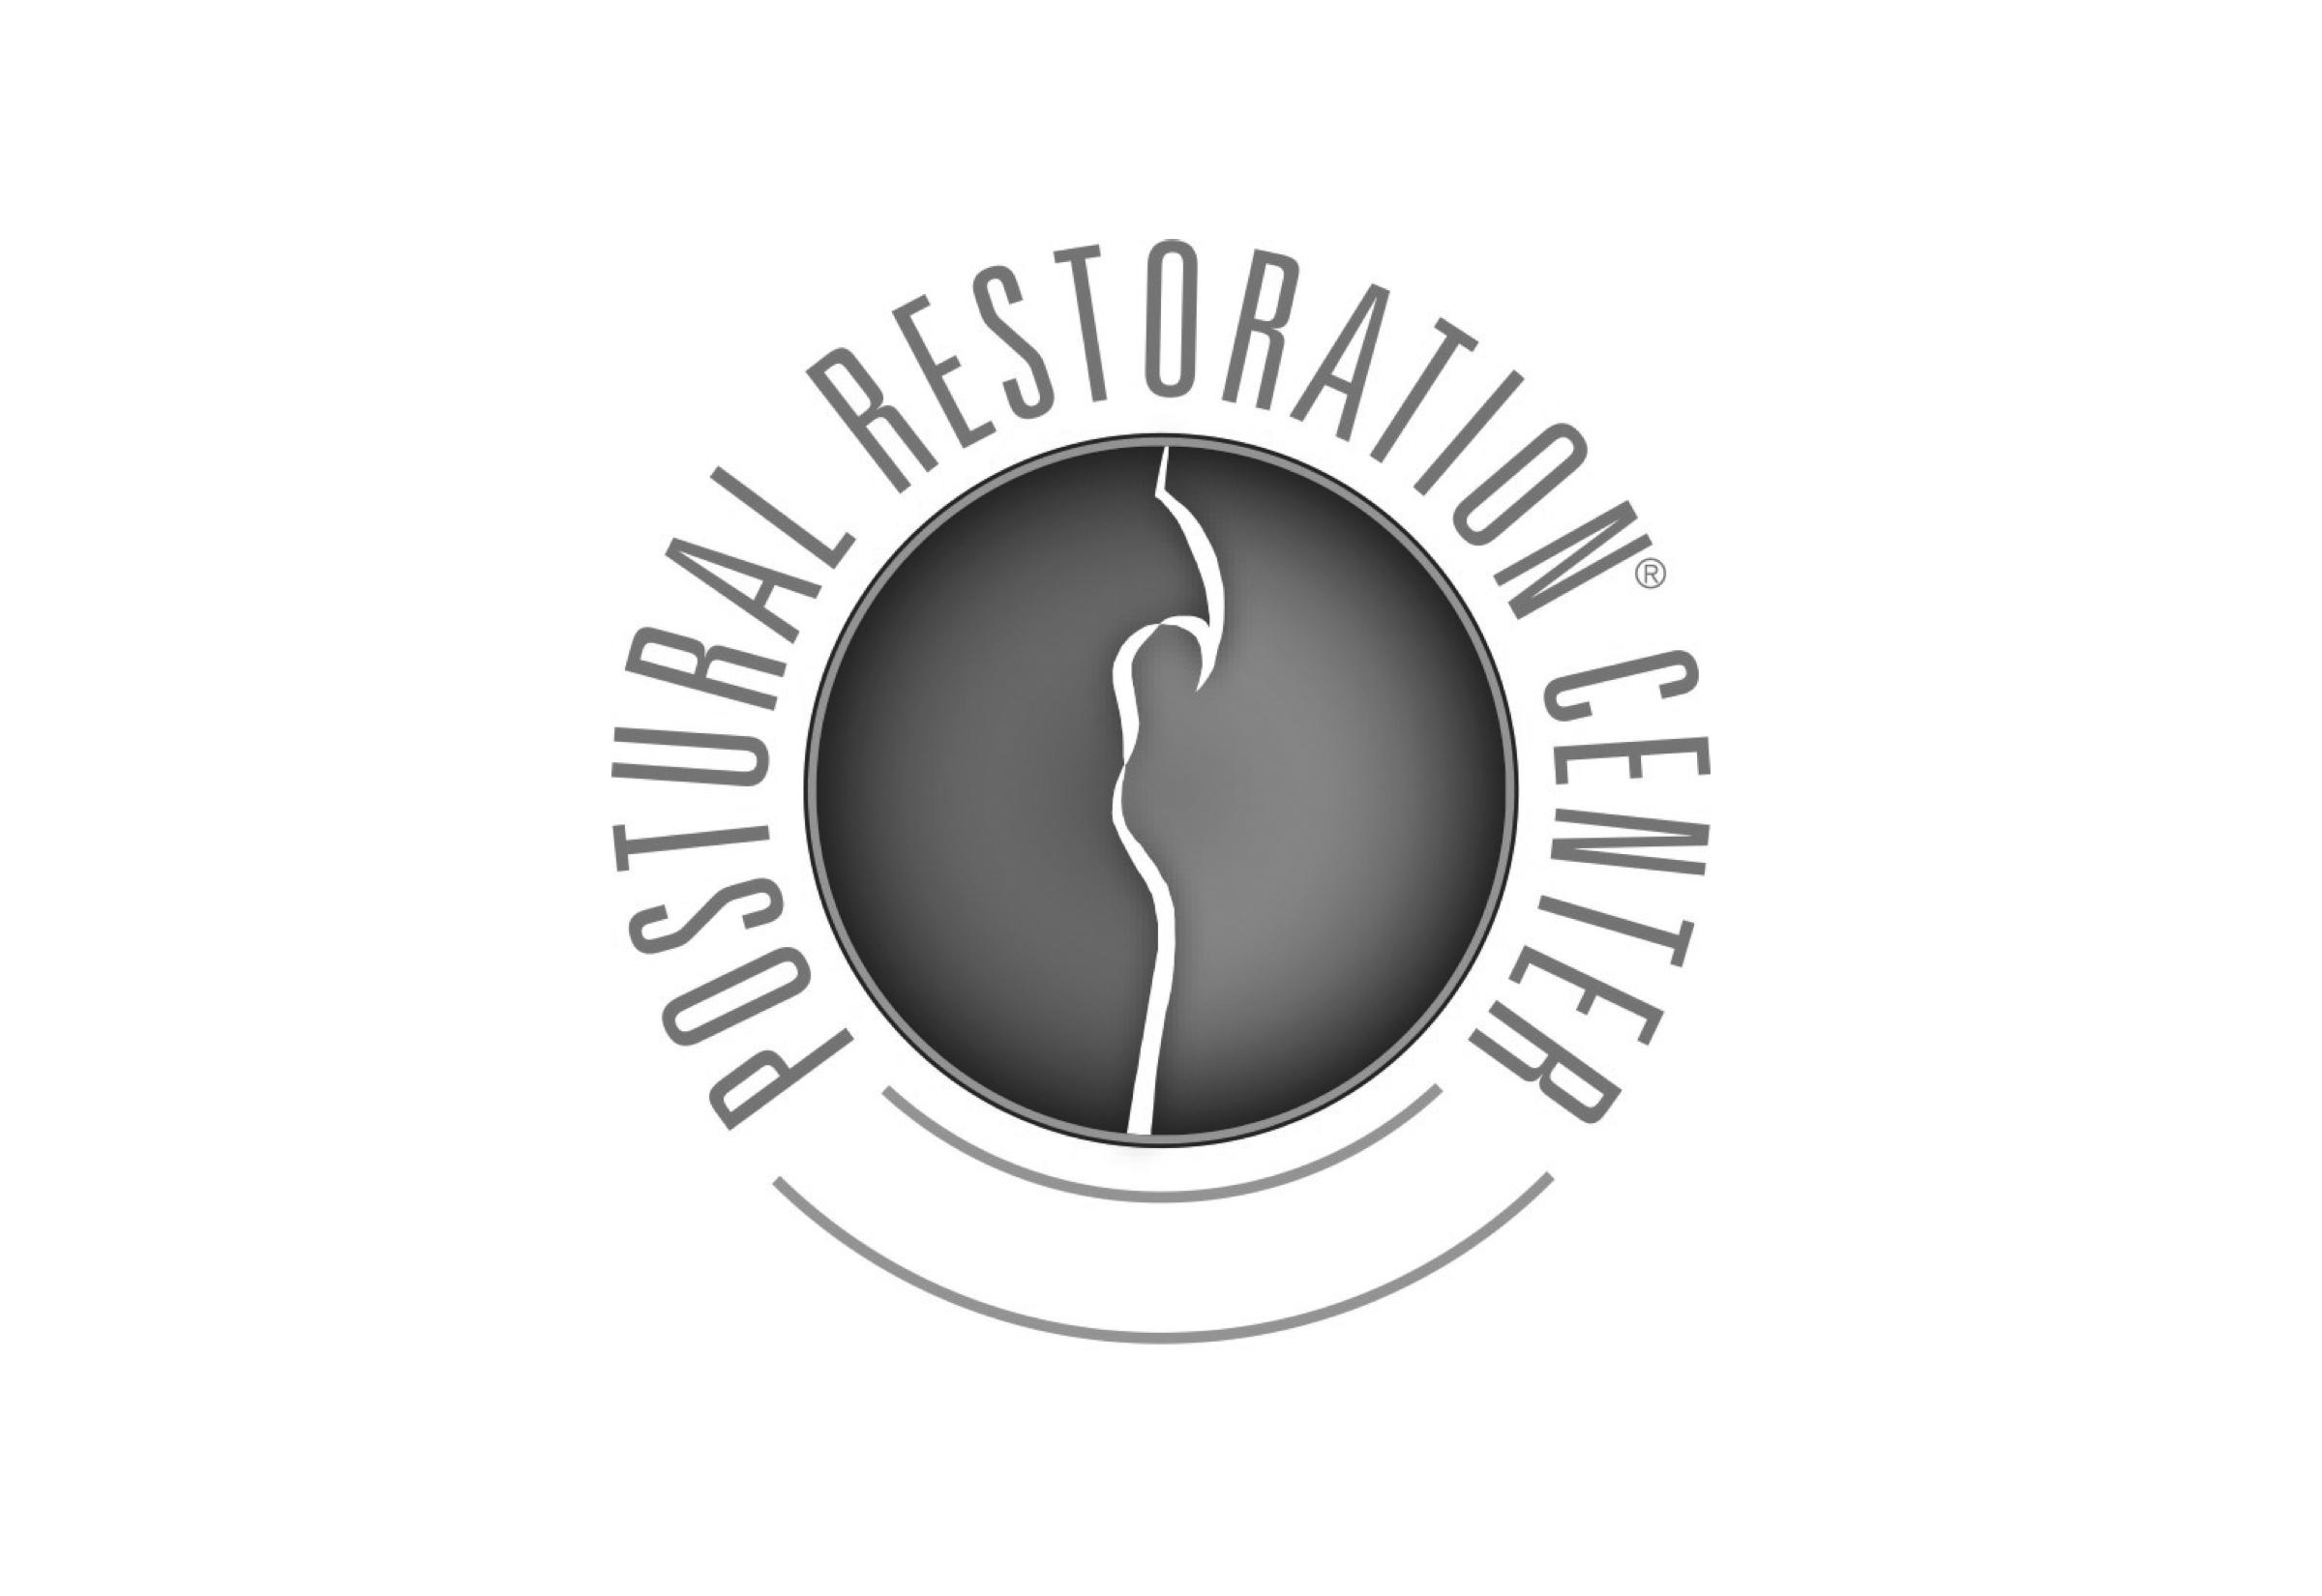 Certified Postural Restoration Center™ - Pilates Central is proud to certified by the Postural Restoration Institute®www.posturalrestoration.com